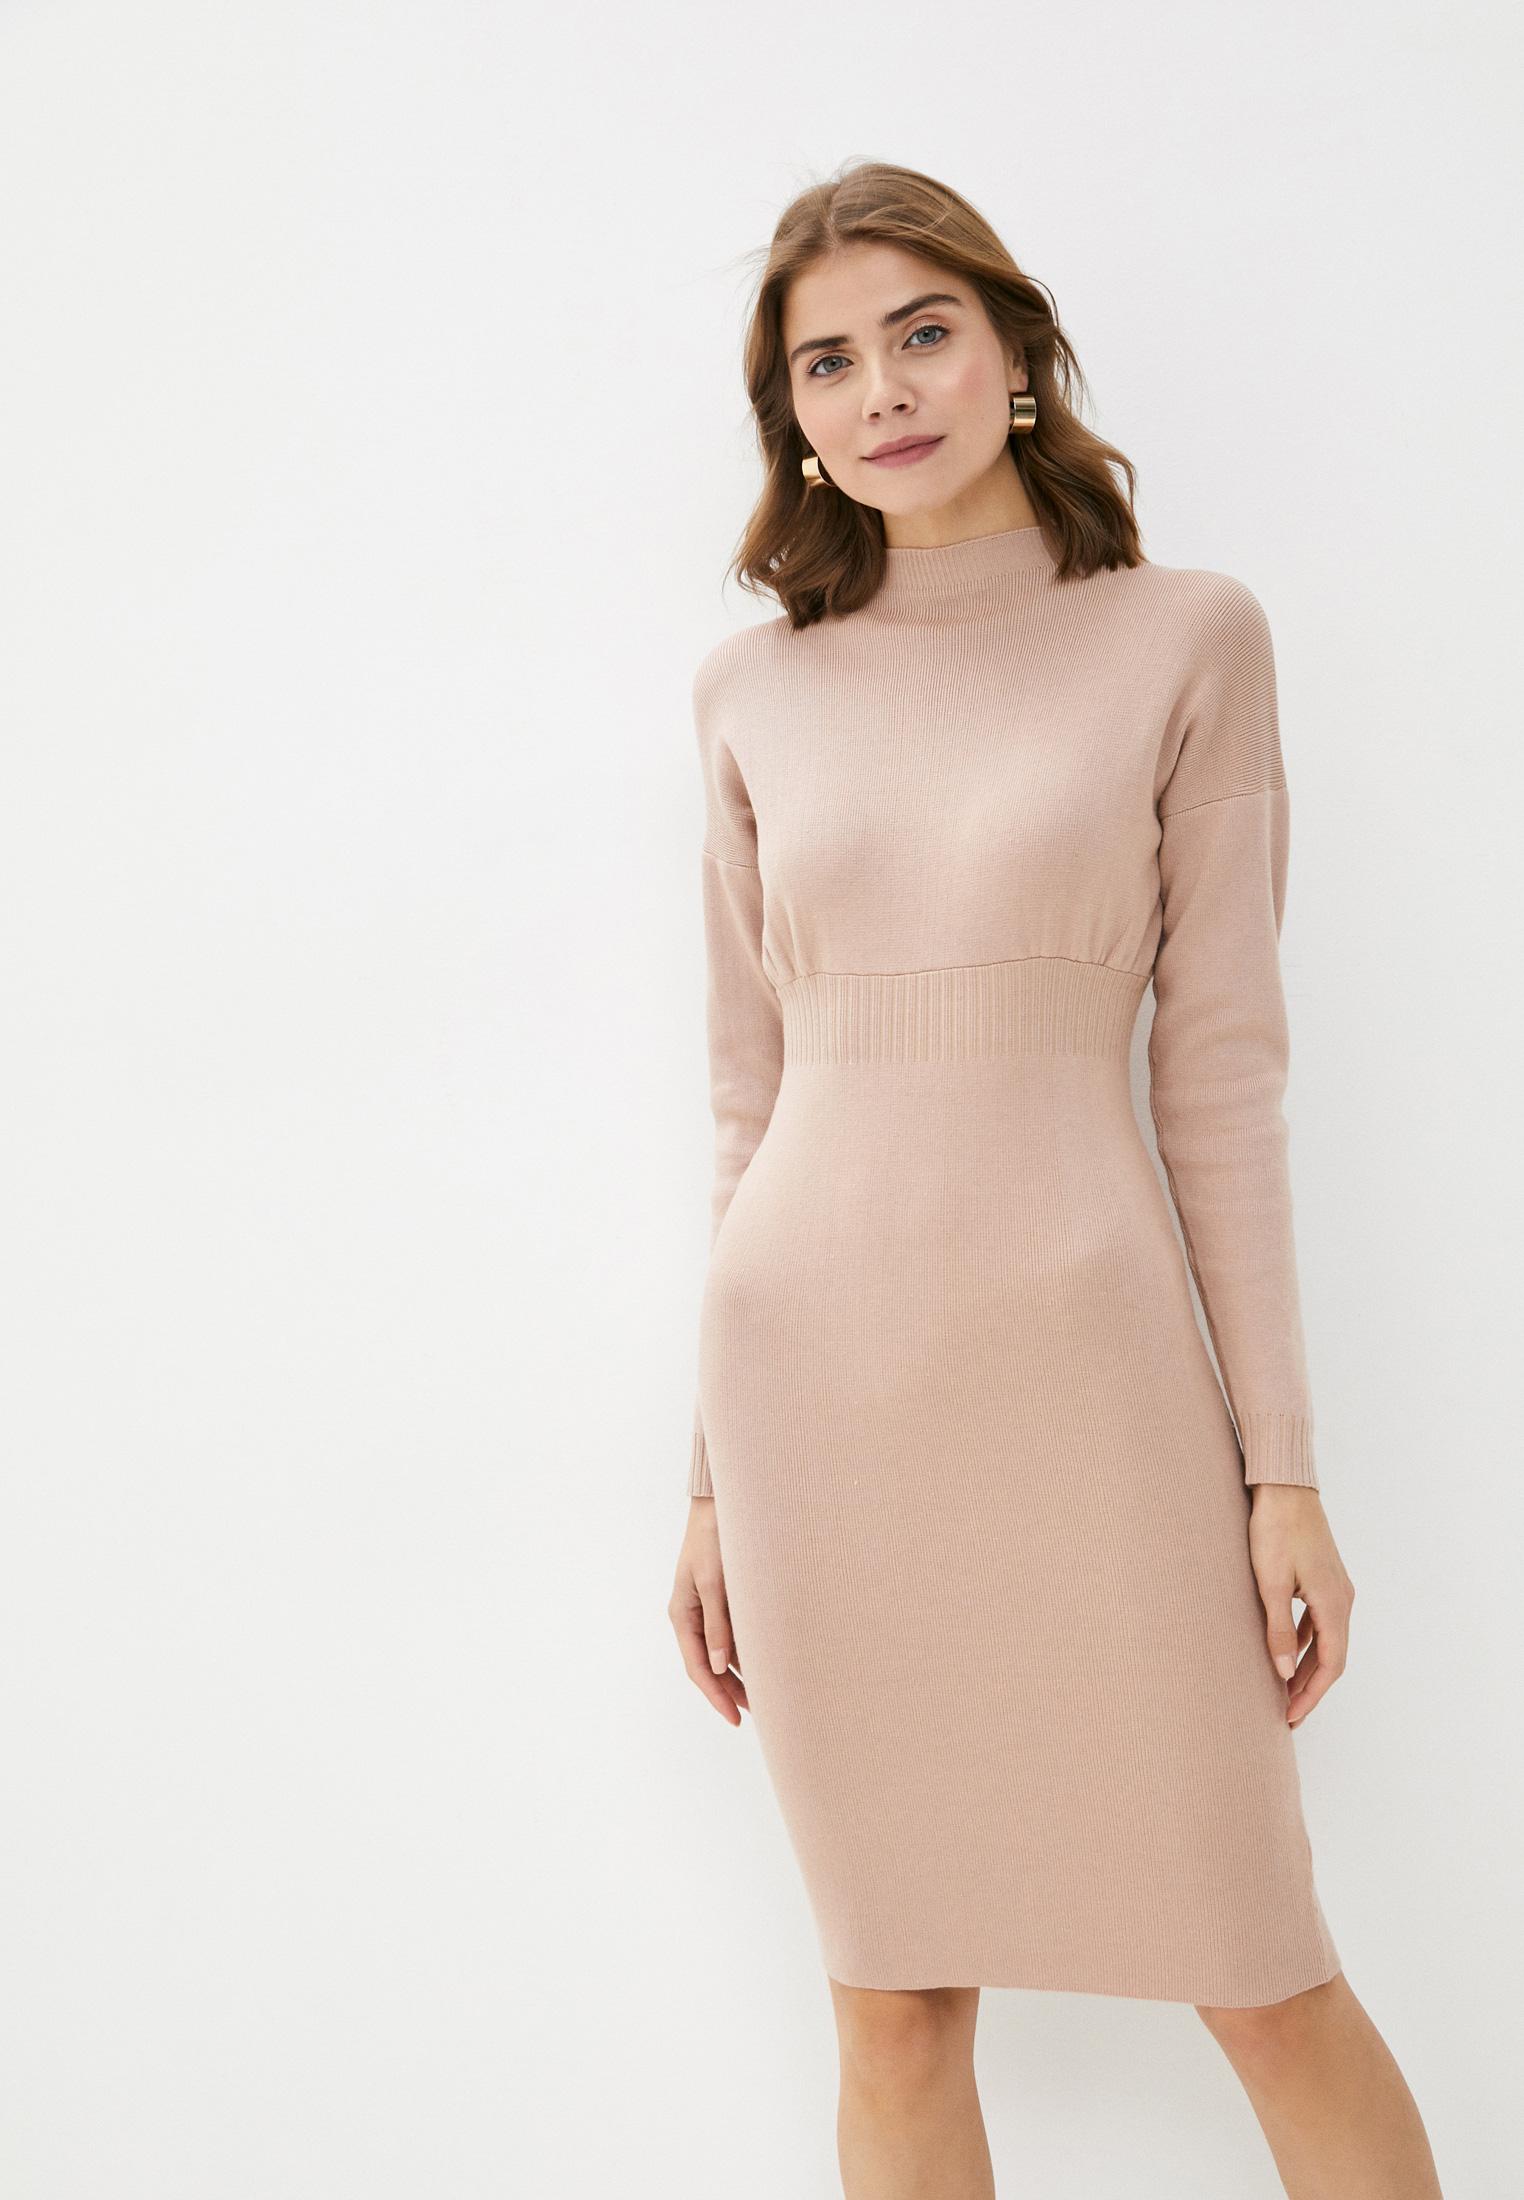 Вязаное платье Bigtora D8680